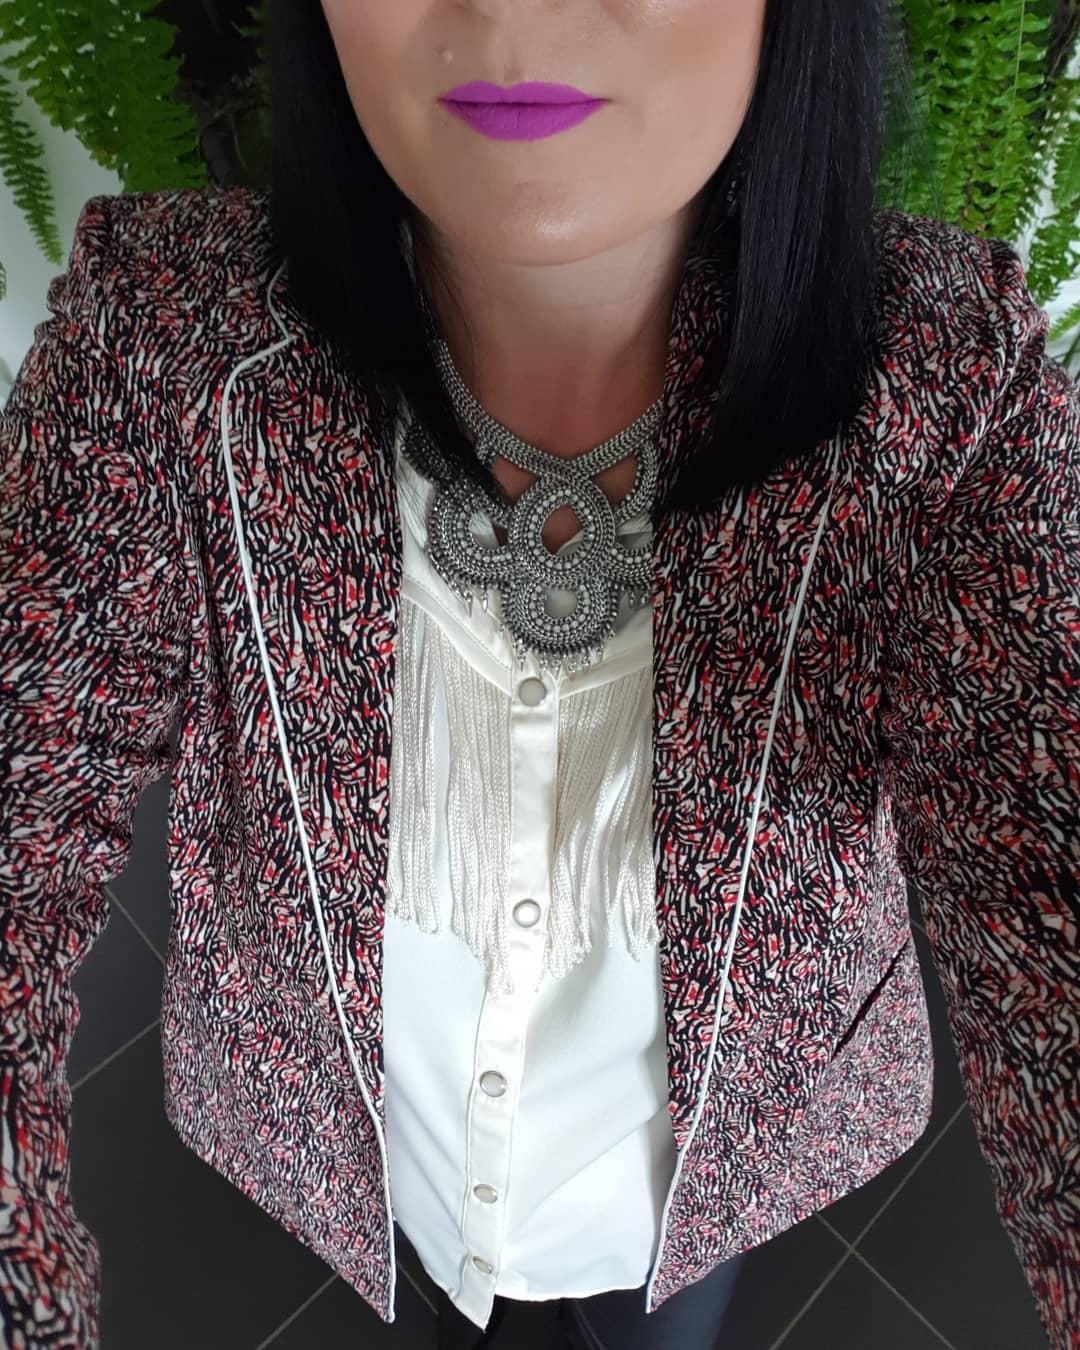 women's micro print jacket de IKKS sur melfortyseven